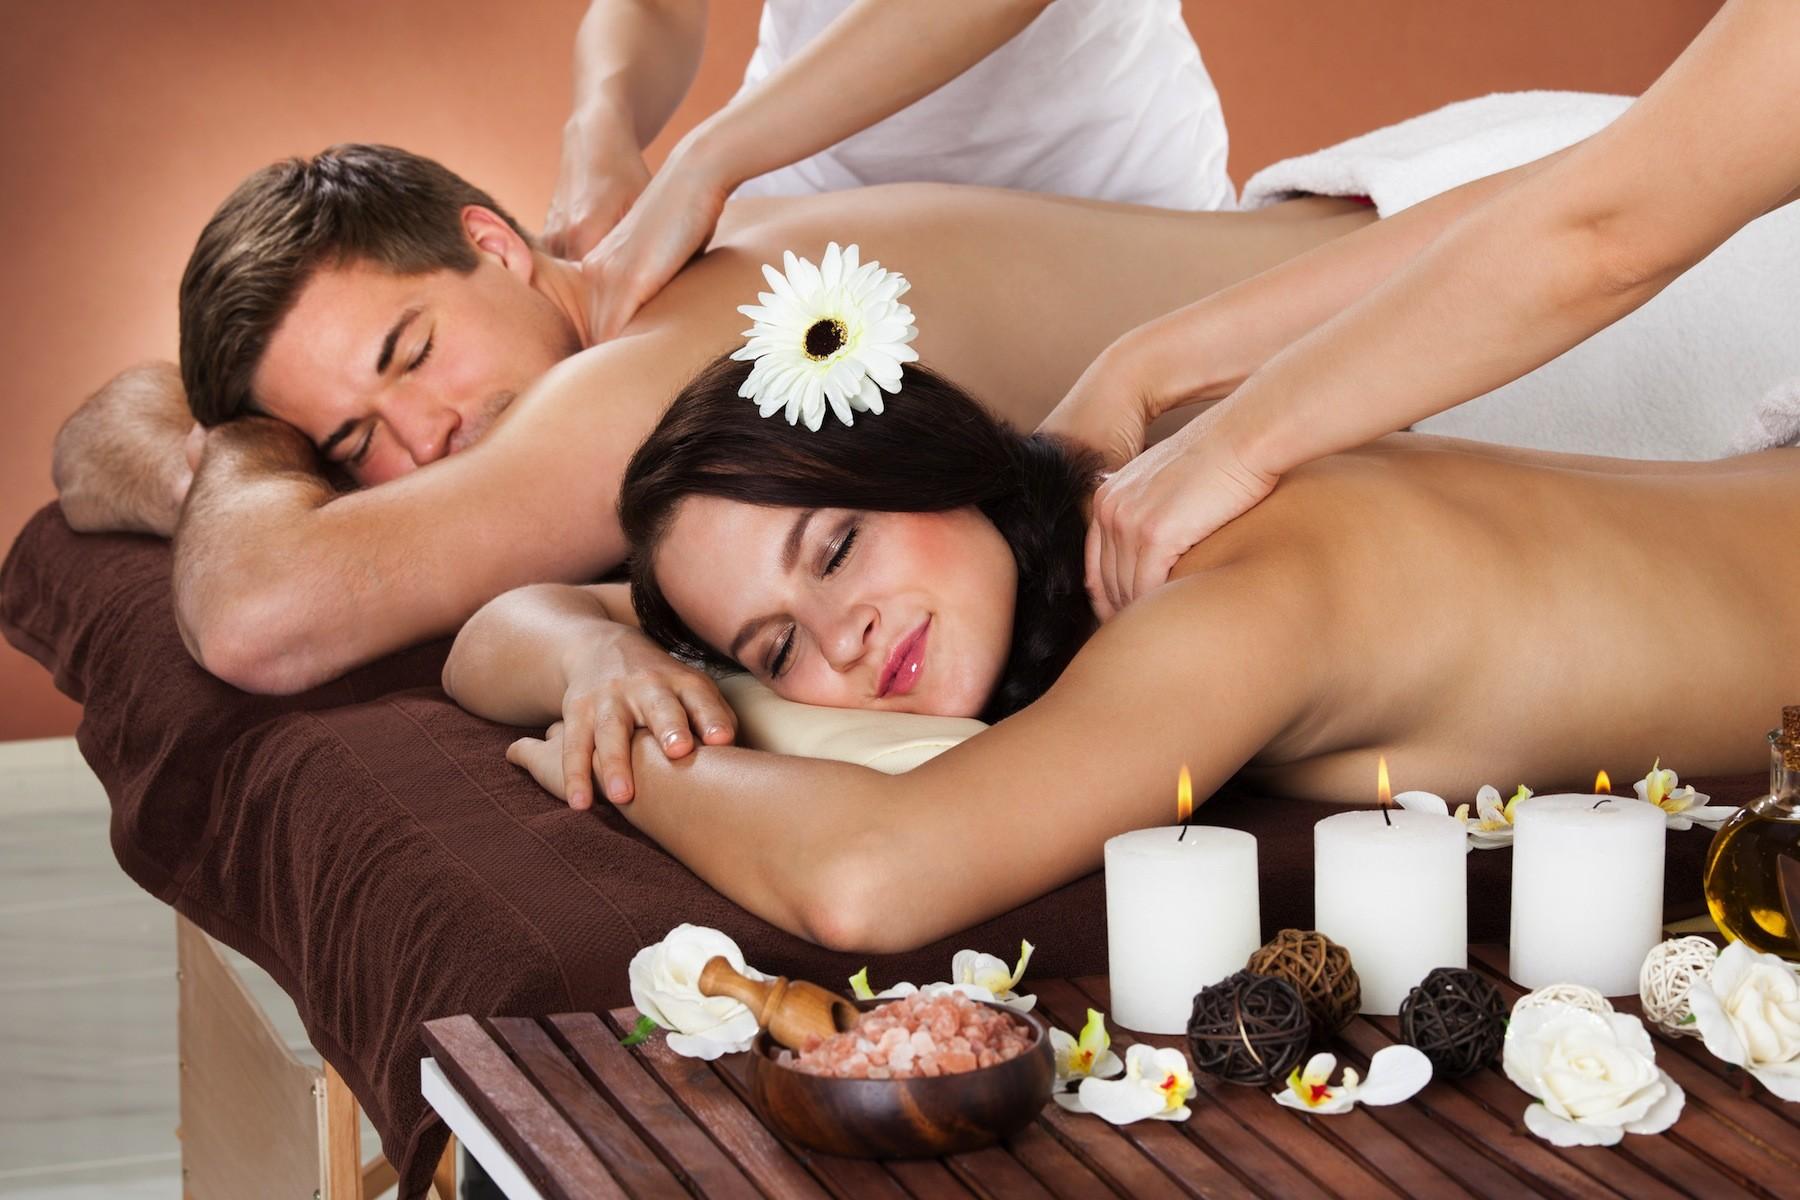 nana thai massage erotiska filmklipp